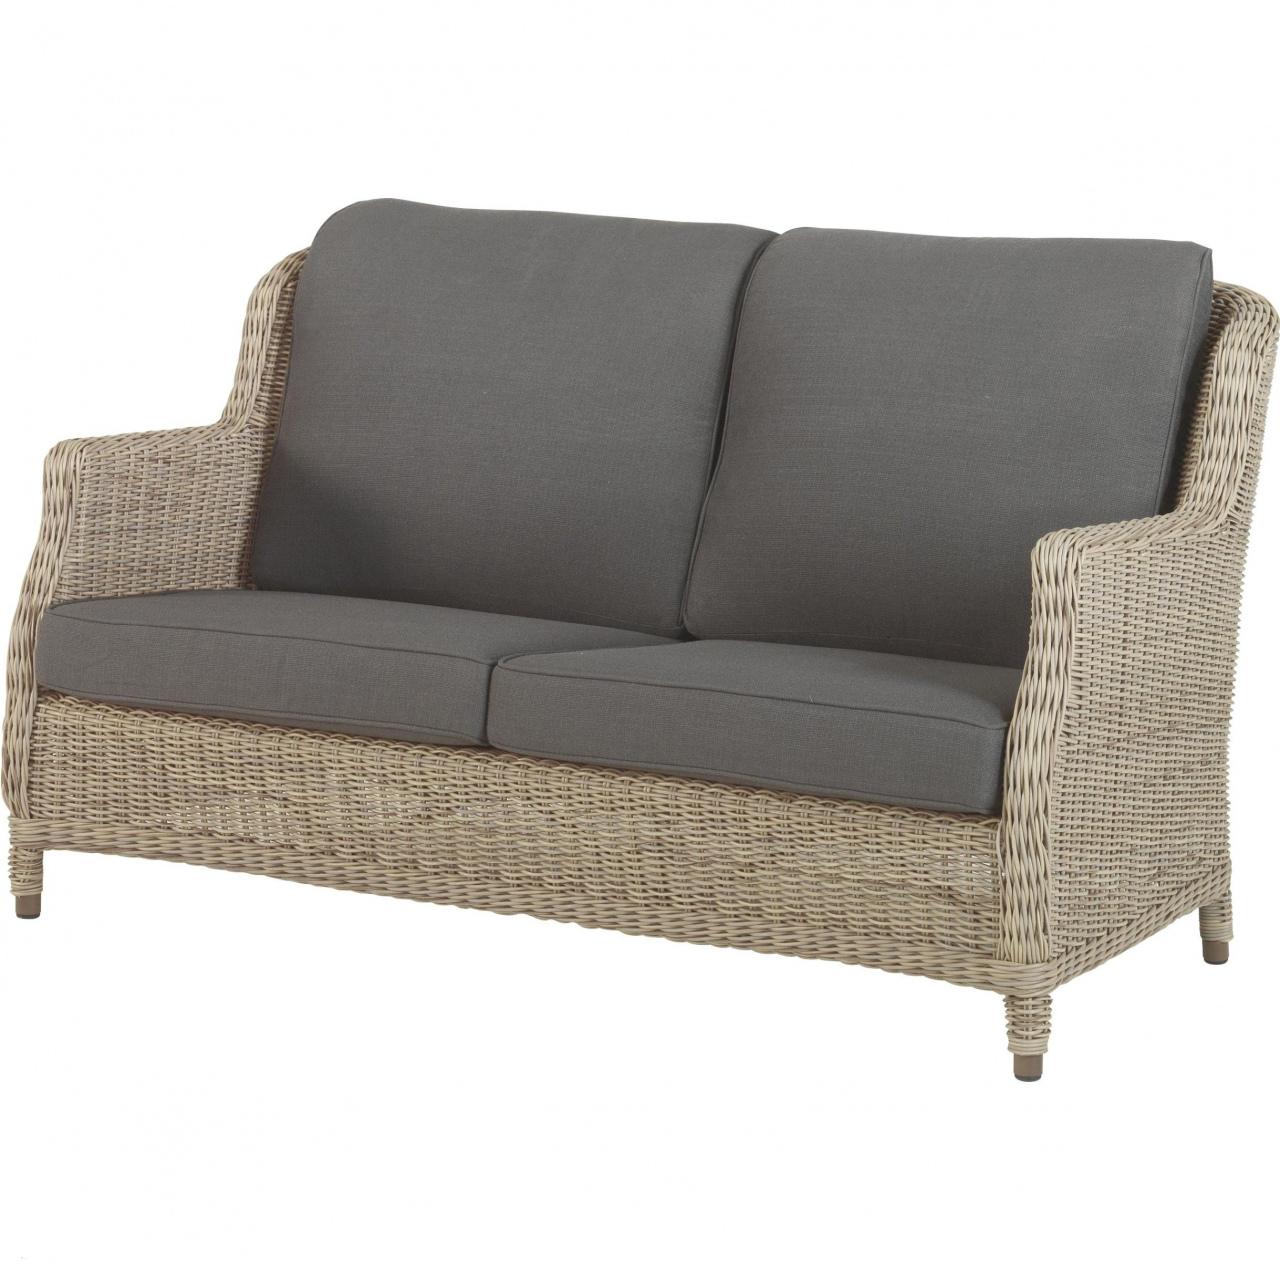 Full Size of Terrassen Lounge Sofa Couch Bed Awesome Terrasse Luxus U Sofas Möbel Garten Loungemöbel Günstig Holz Sessel Set Wohnzimmer Terrassen Lounge